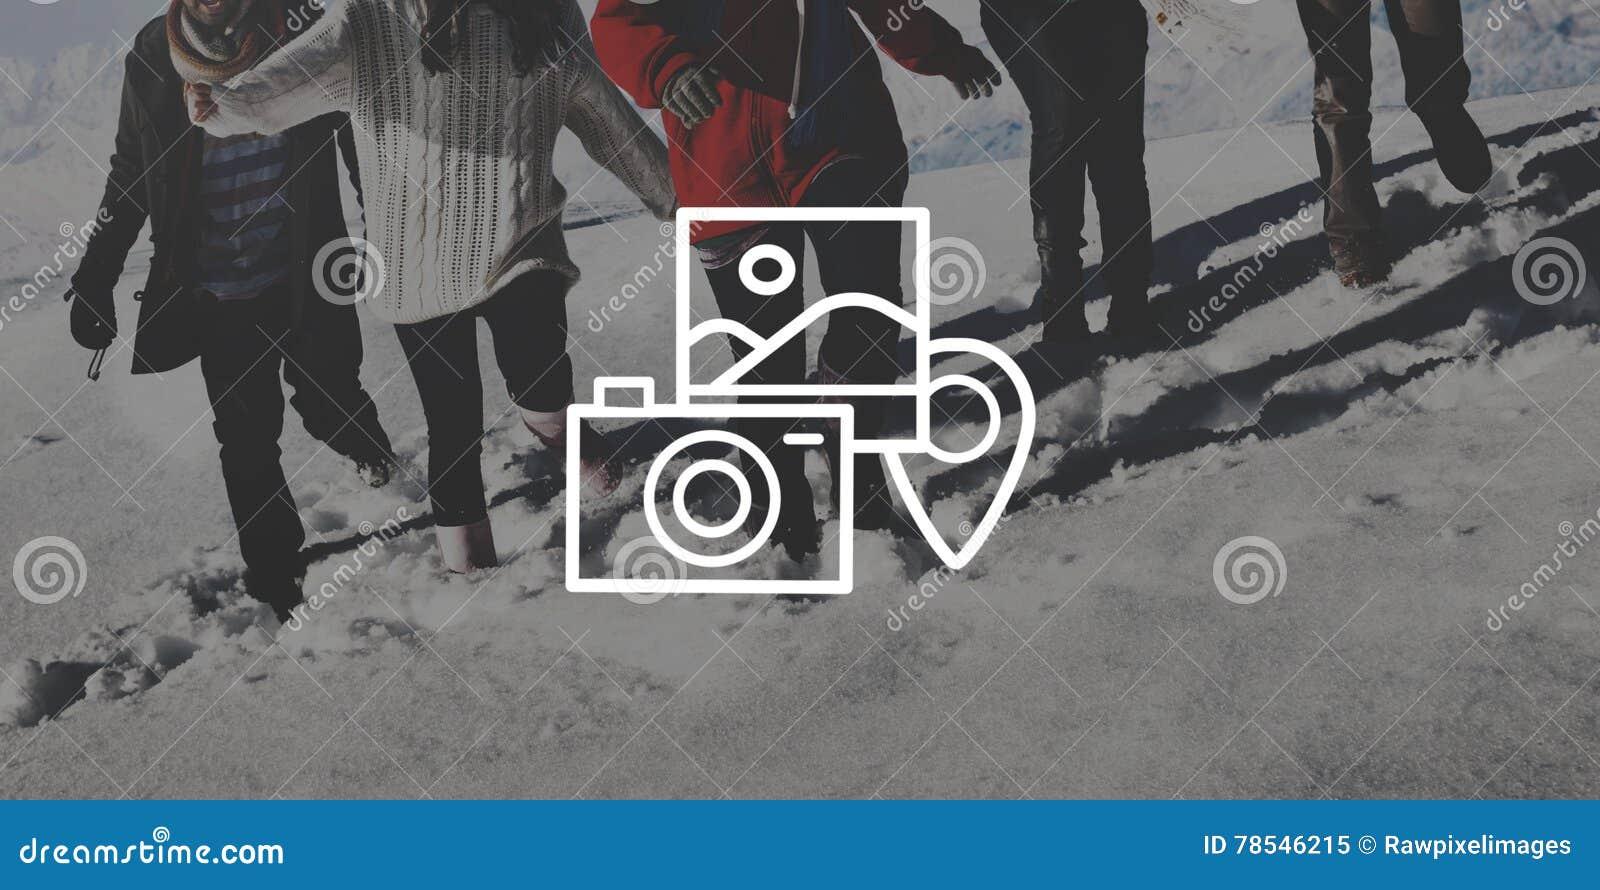 Concepto de fotografía del retrato de la fotografía de la cámara de la fotografía